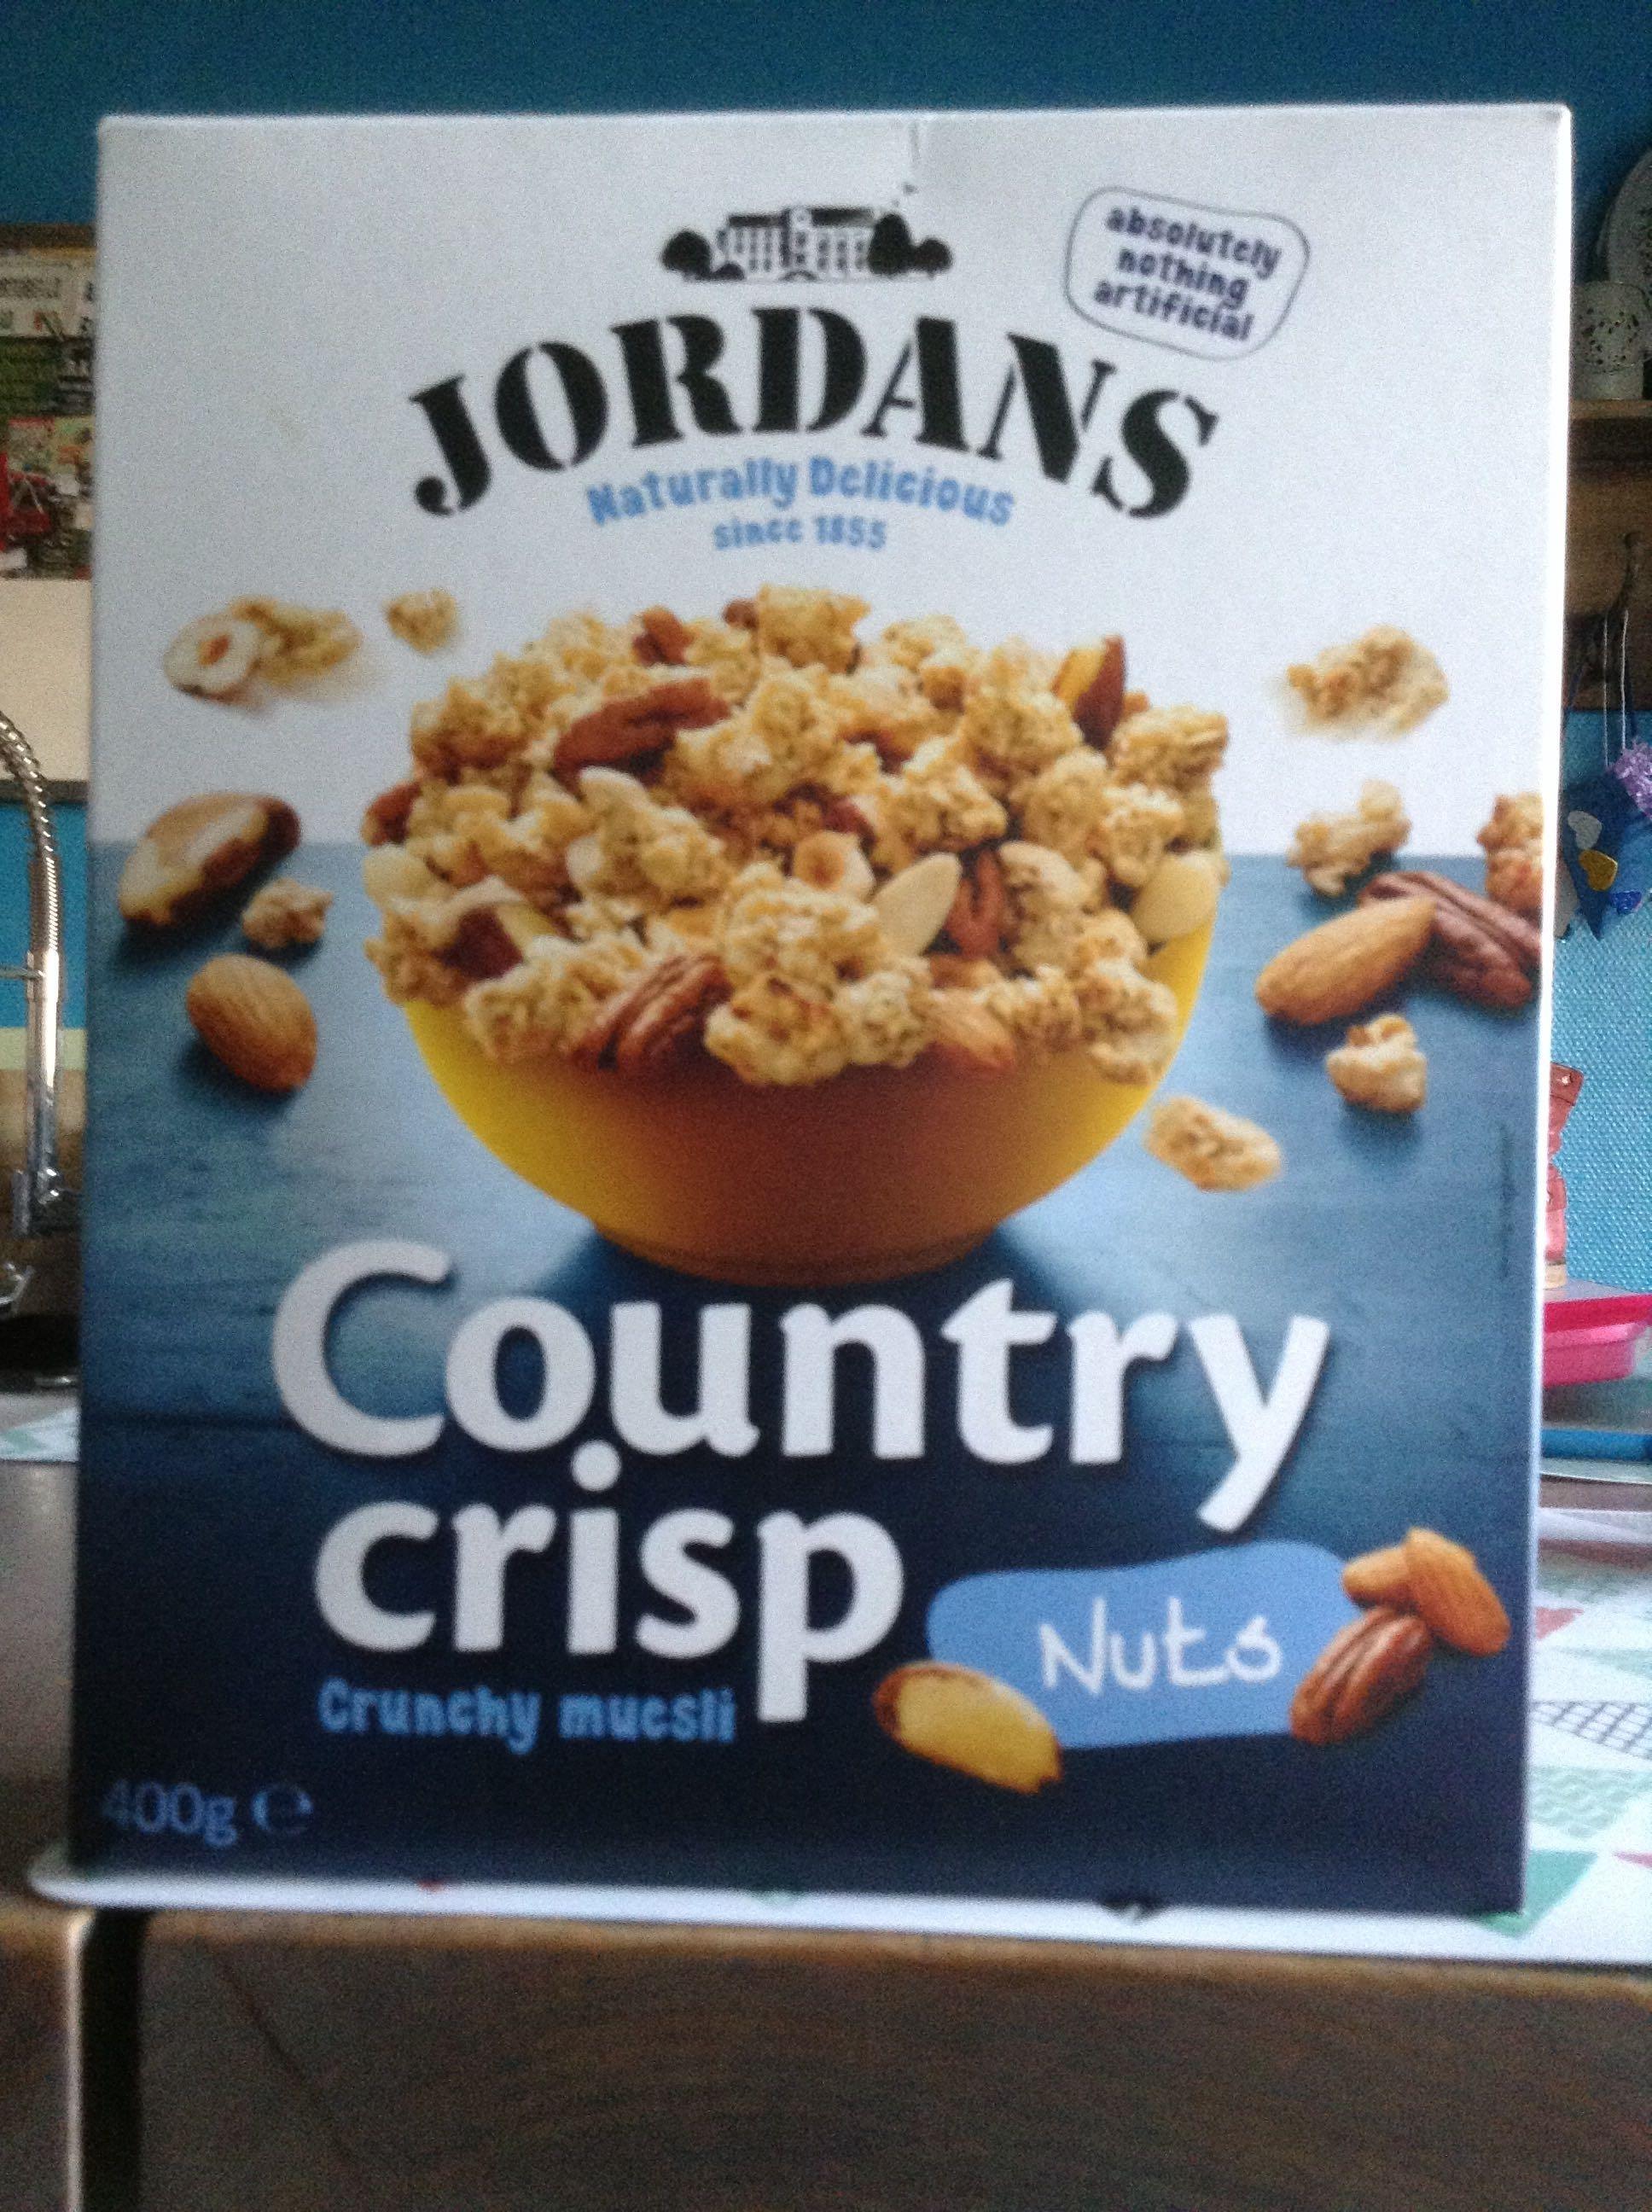 Country crisp cereales de desayuno con frutos secos - Product - fr